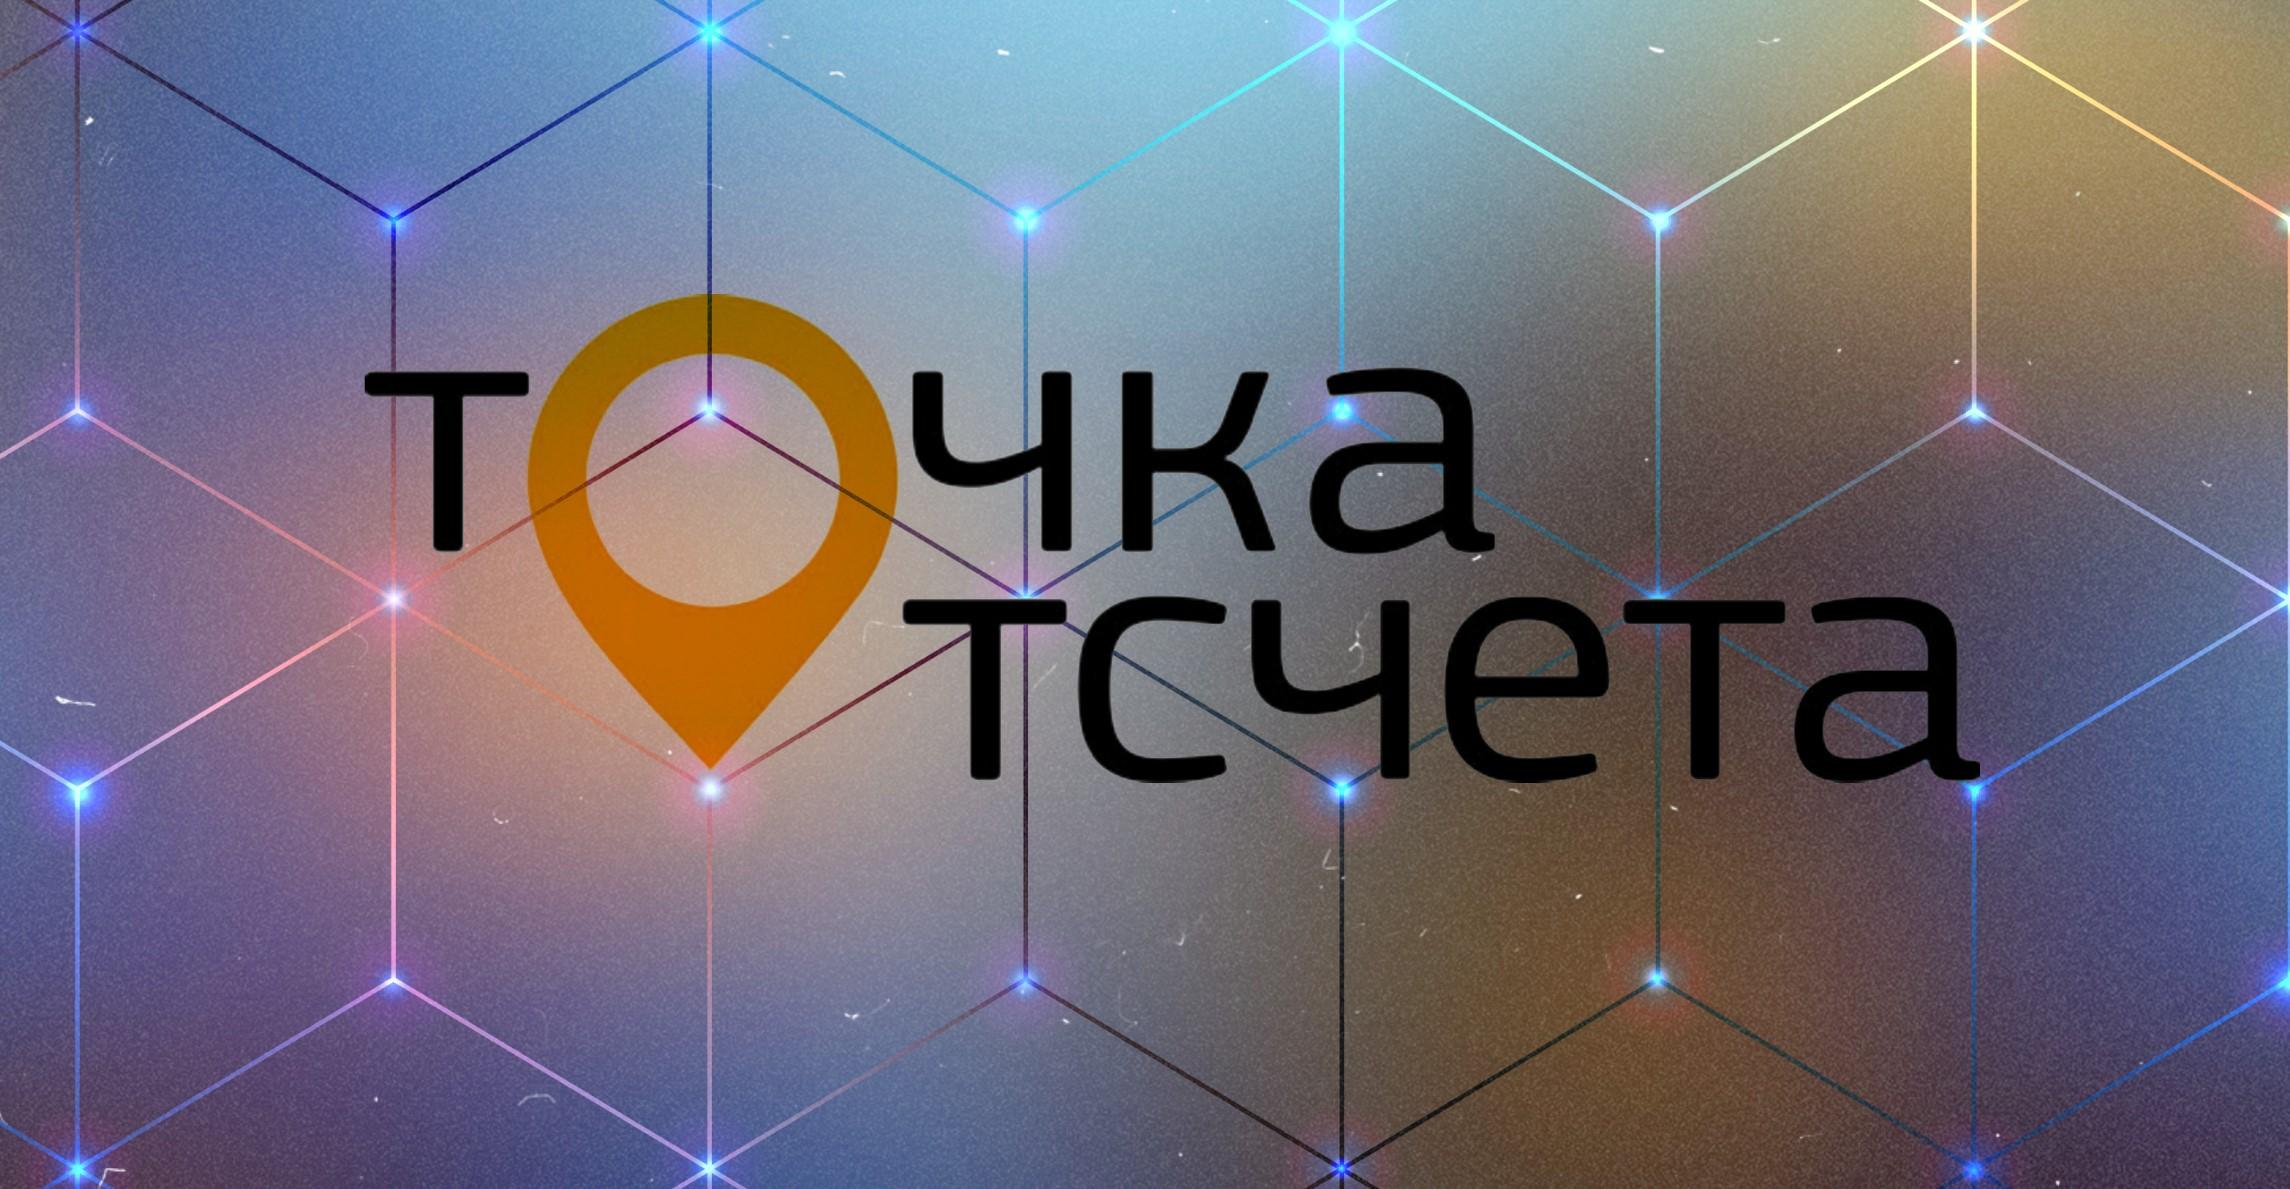 Всероссийский конкурс публичных годовых отчетов СО НКО продолжает прием заявок